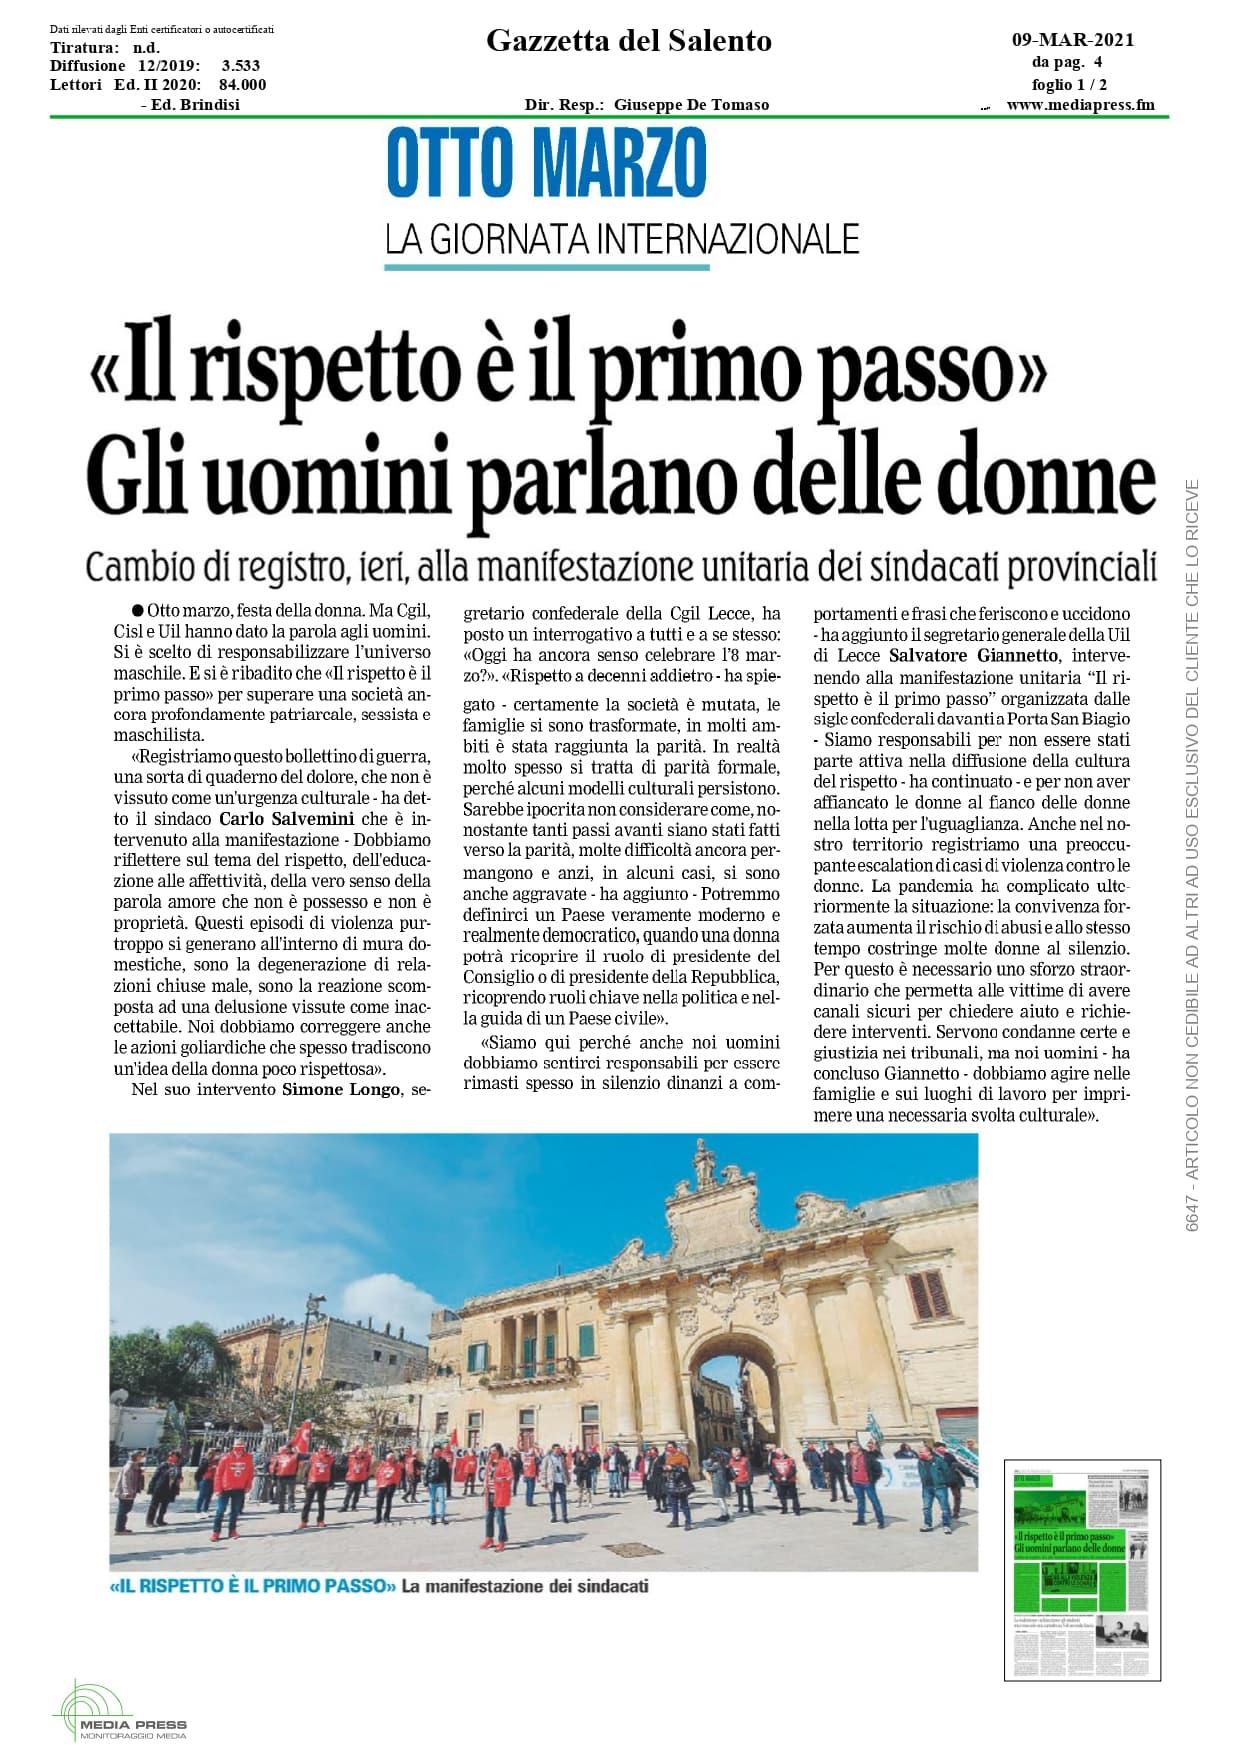 foto Gdm 8 marzo Lecce_page-0001